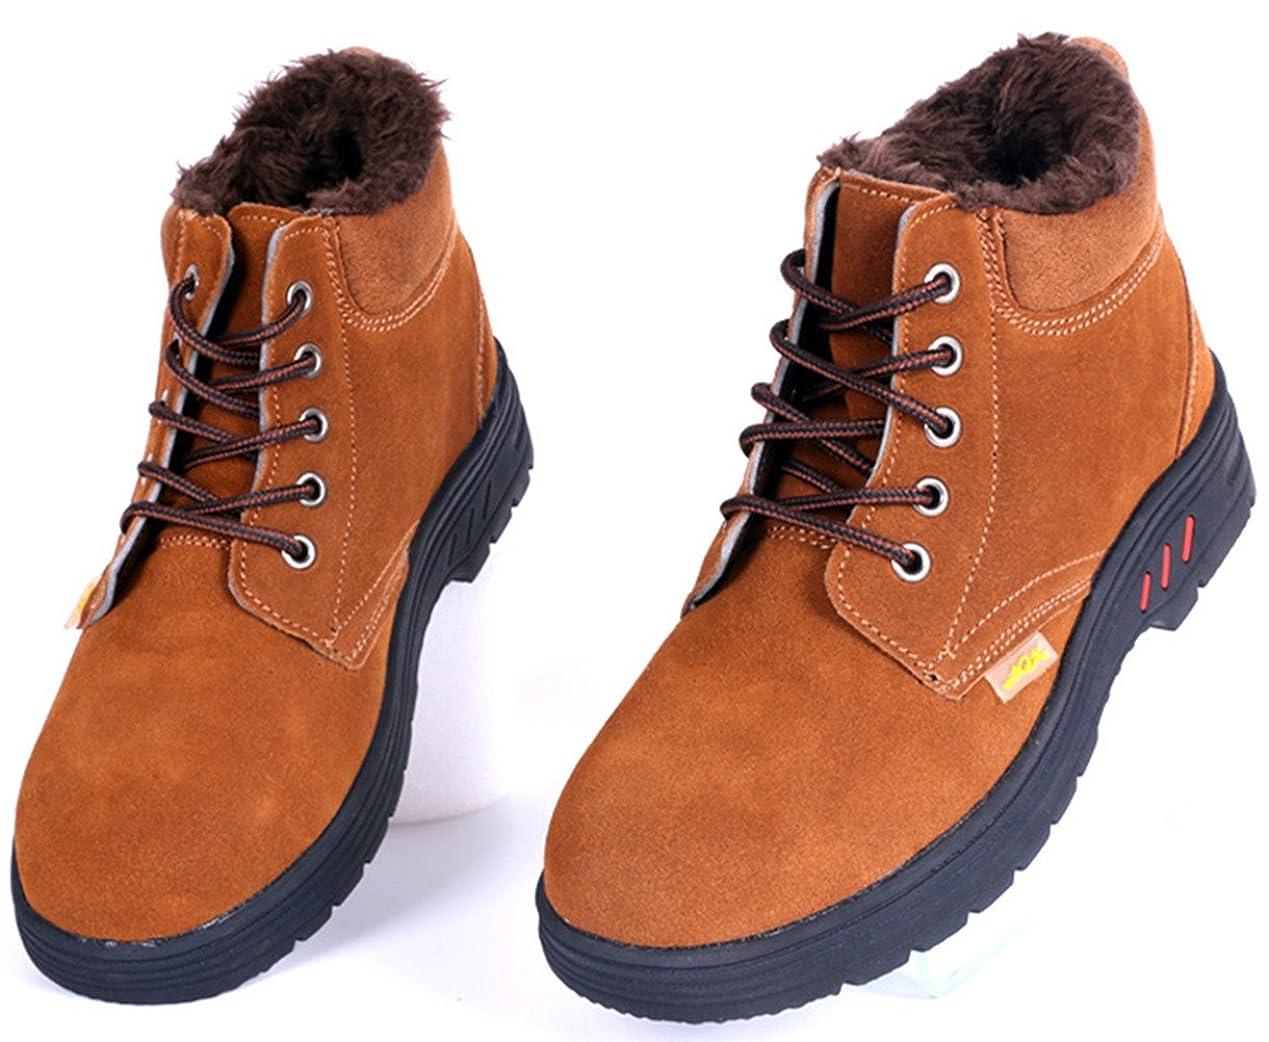 トーク明確に消去男女兼用 作業靴 安全靴 冬靴 裏起毛 スニーカー 運動靴 労働保険靴 セーフティーシューズ アウトドアシューズ レースアップ 滑り止め 通気